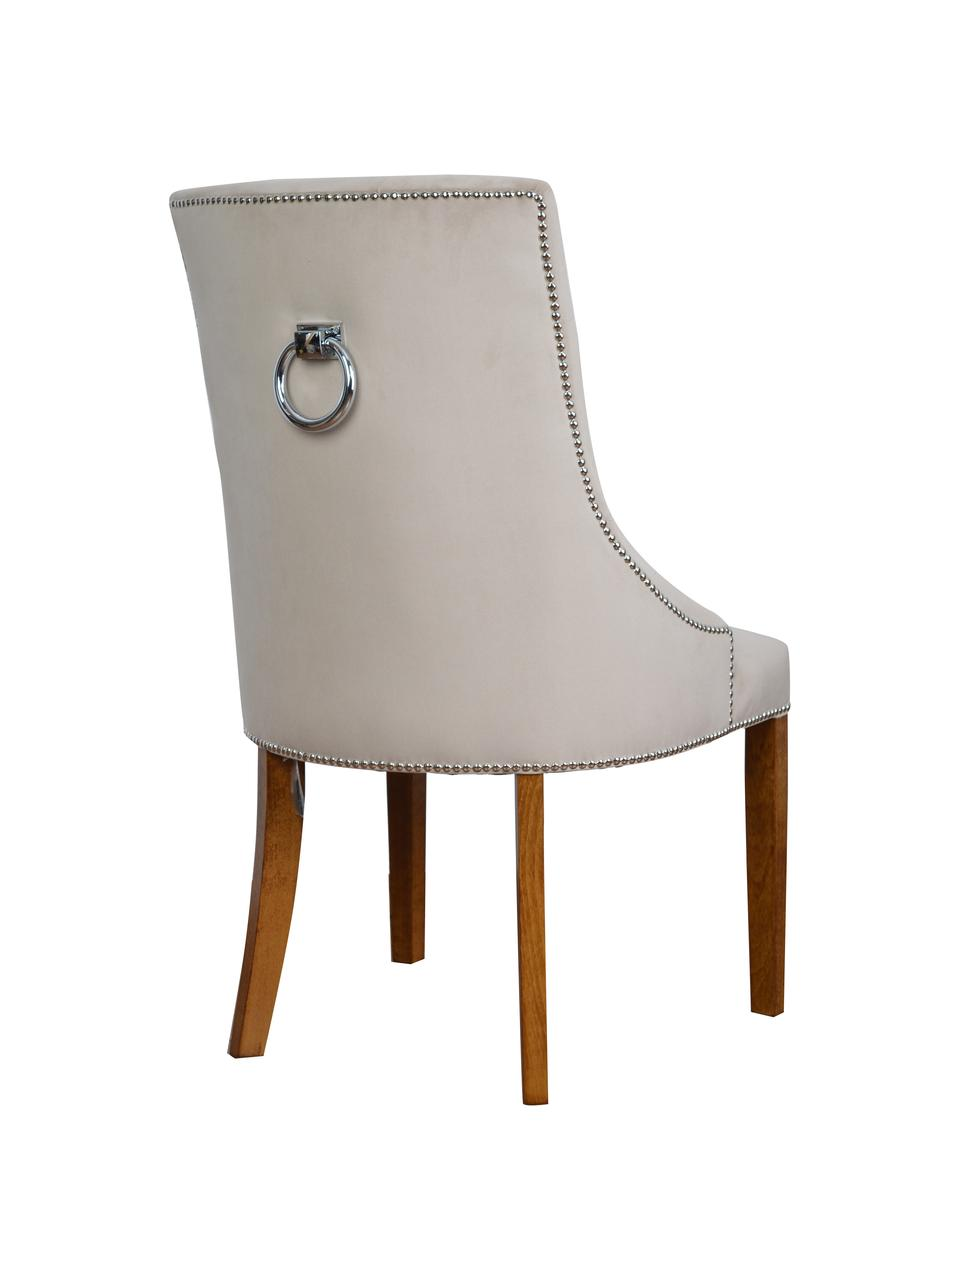 Krzesło tapicerowane z aksamitu Madam, Tapicerka: aksamit (100% poliester), Aksamitny beżowy, nogi: jasny brązowy, S 56 x G 64 cm